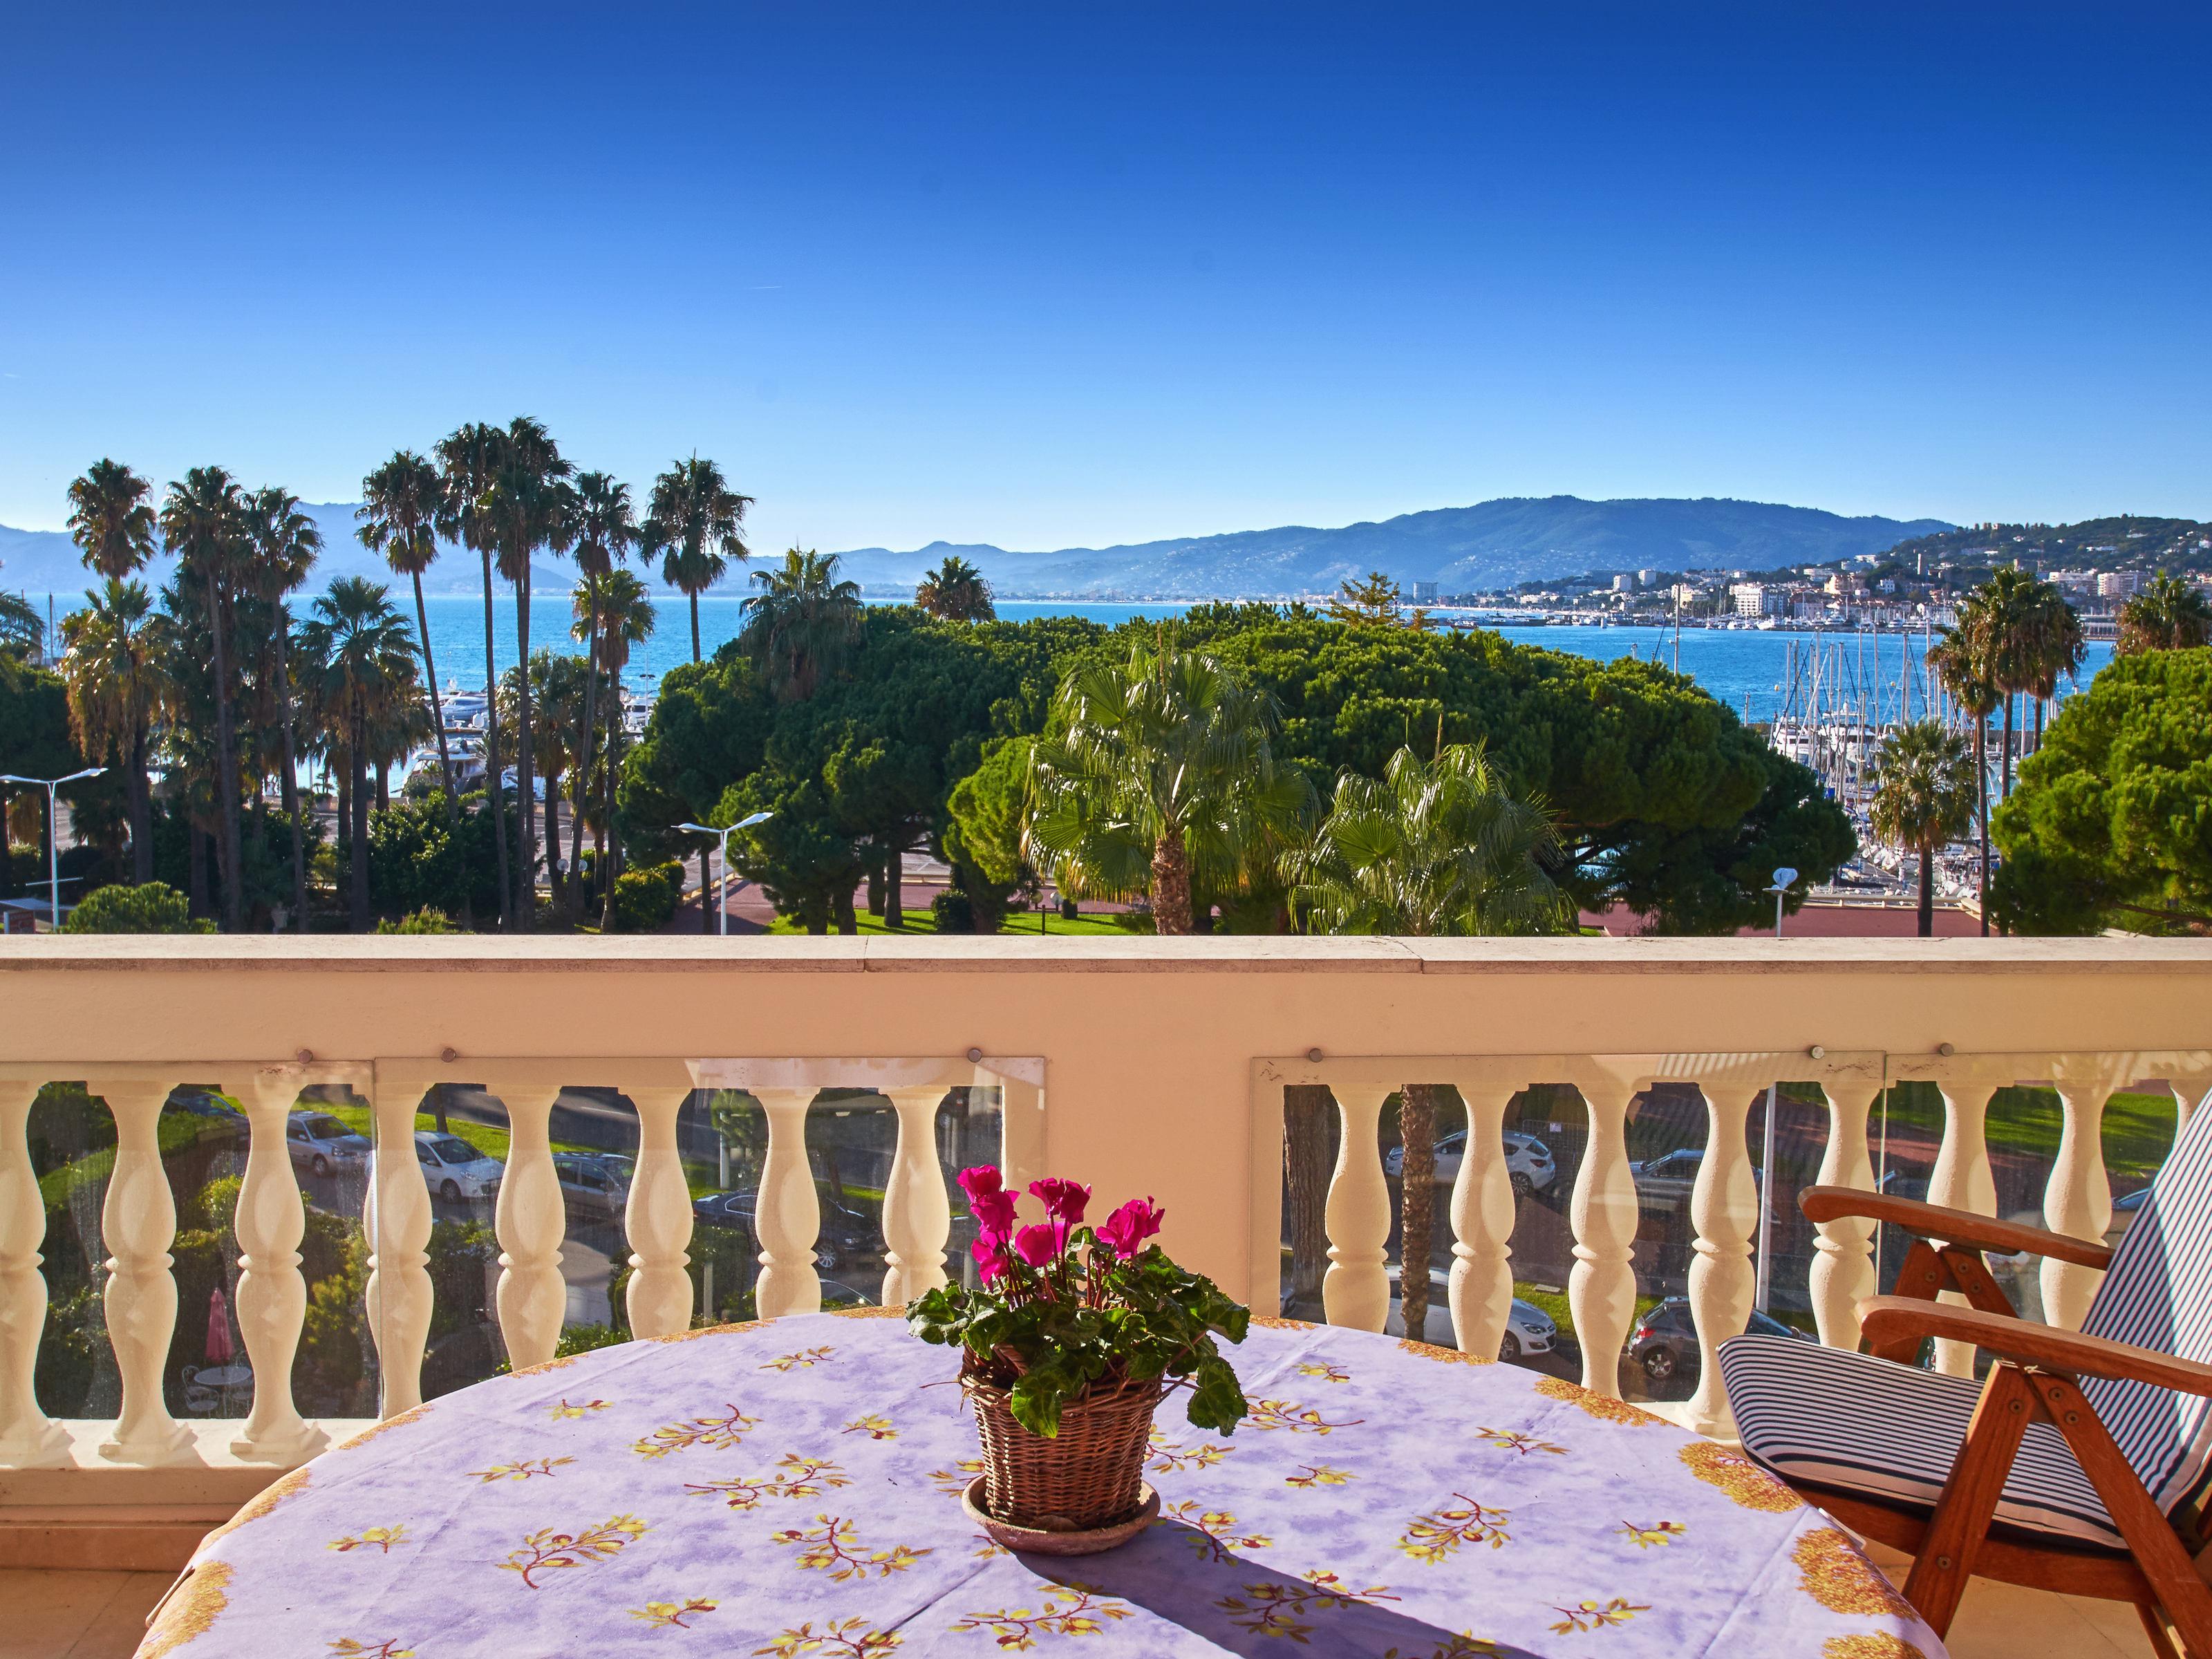 Casa Unifamiliar por un Venta en Cannes Cannes, Provincia - Alpes - Costa Azul 06400 Francia